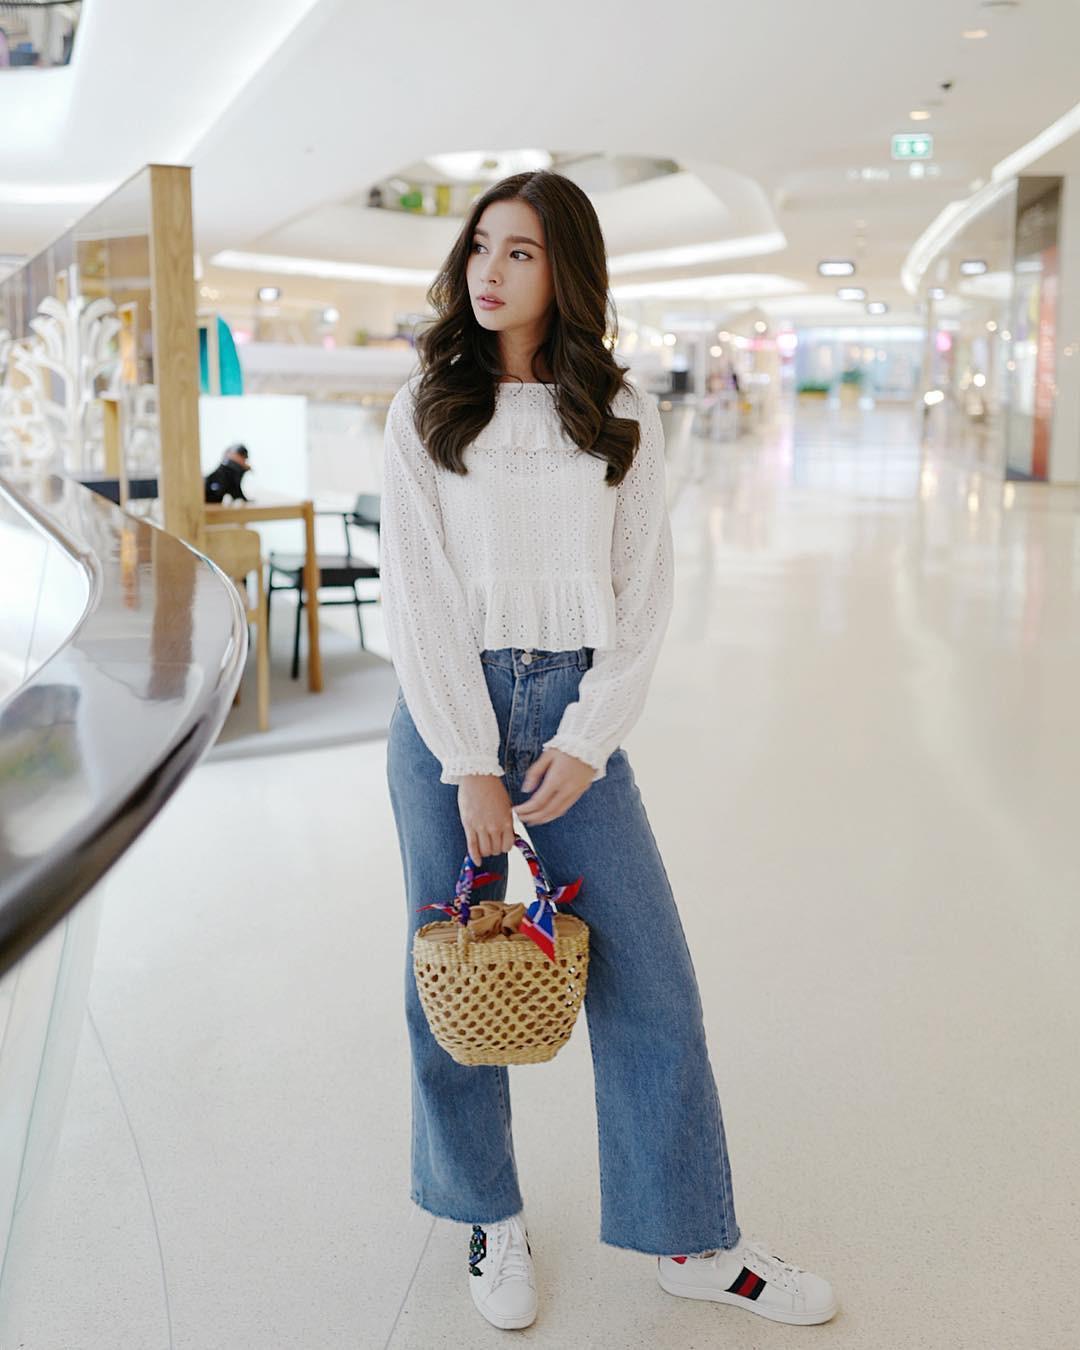 Đừng nghĩ mặc jeans là không điệu được, cứ nhìn các nàng blogger lên đồ cực xinh qua 15 set đồ này sẽ biết ngay - Ảnh 4